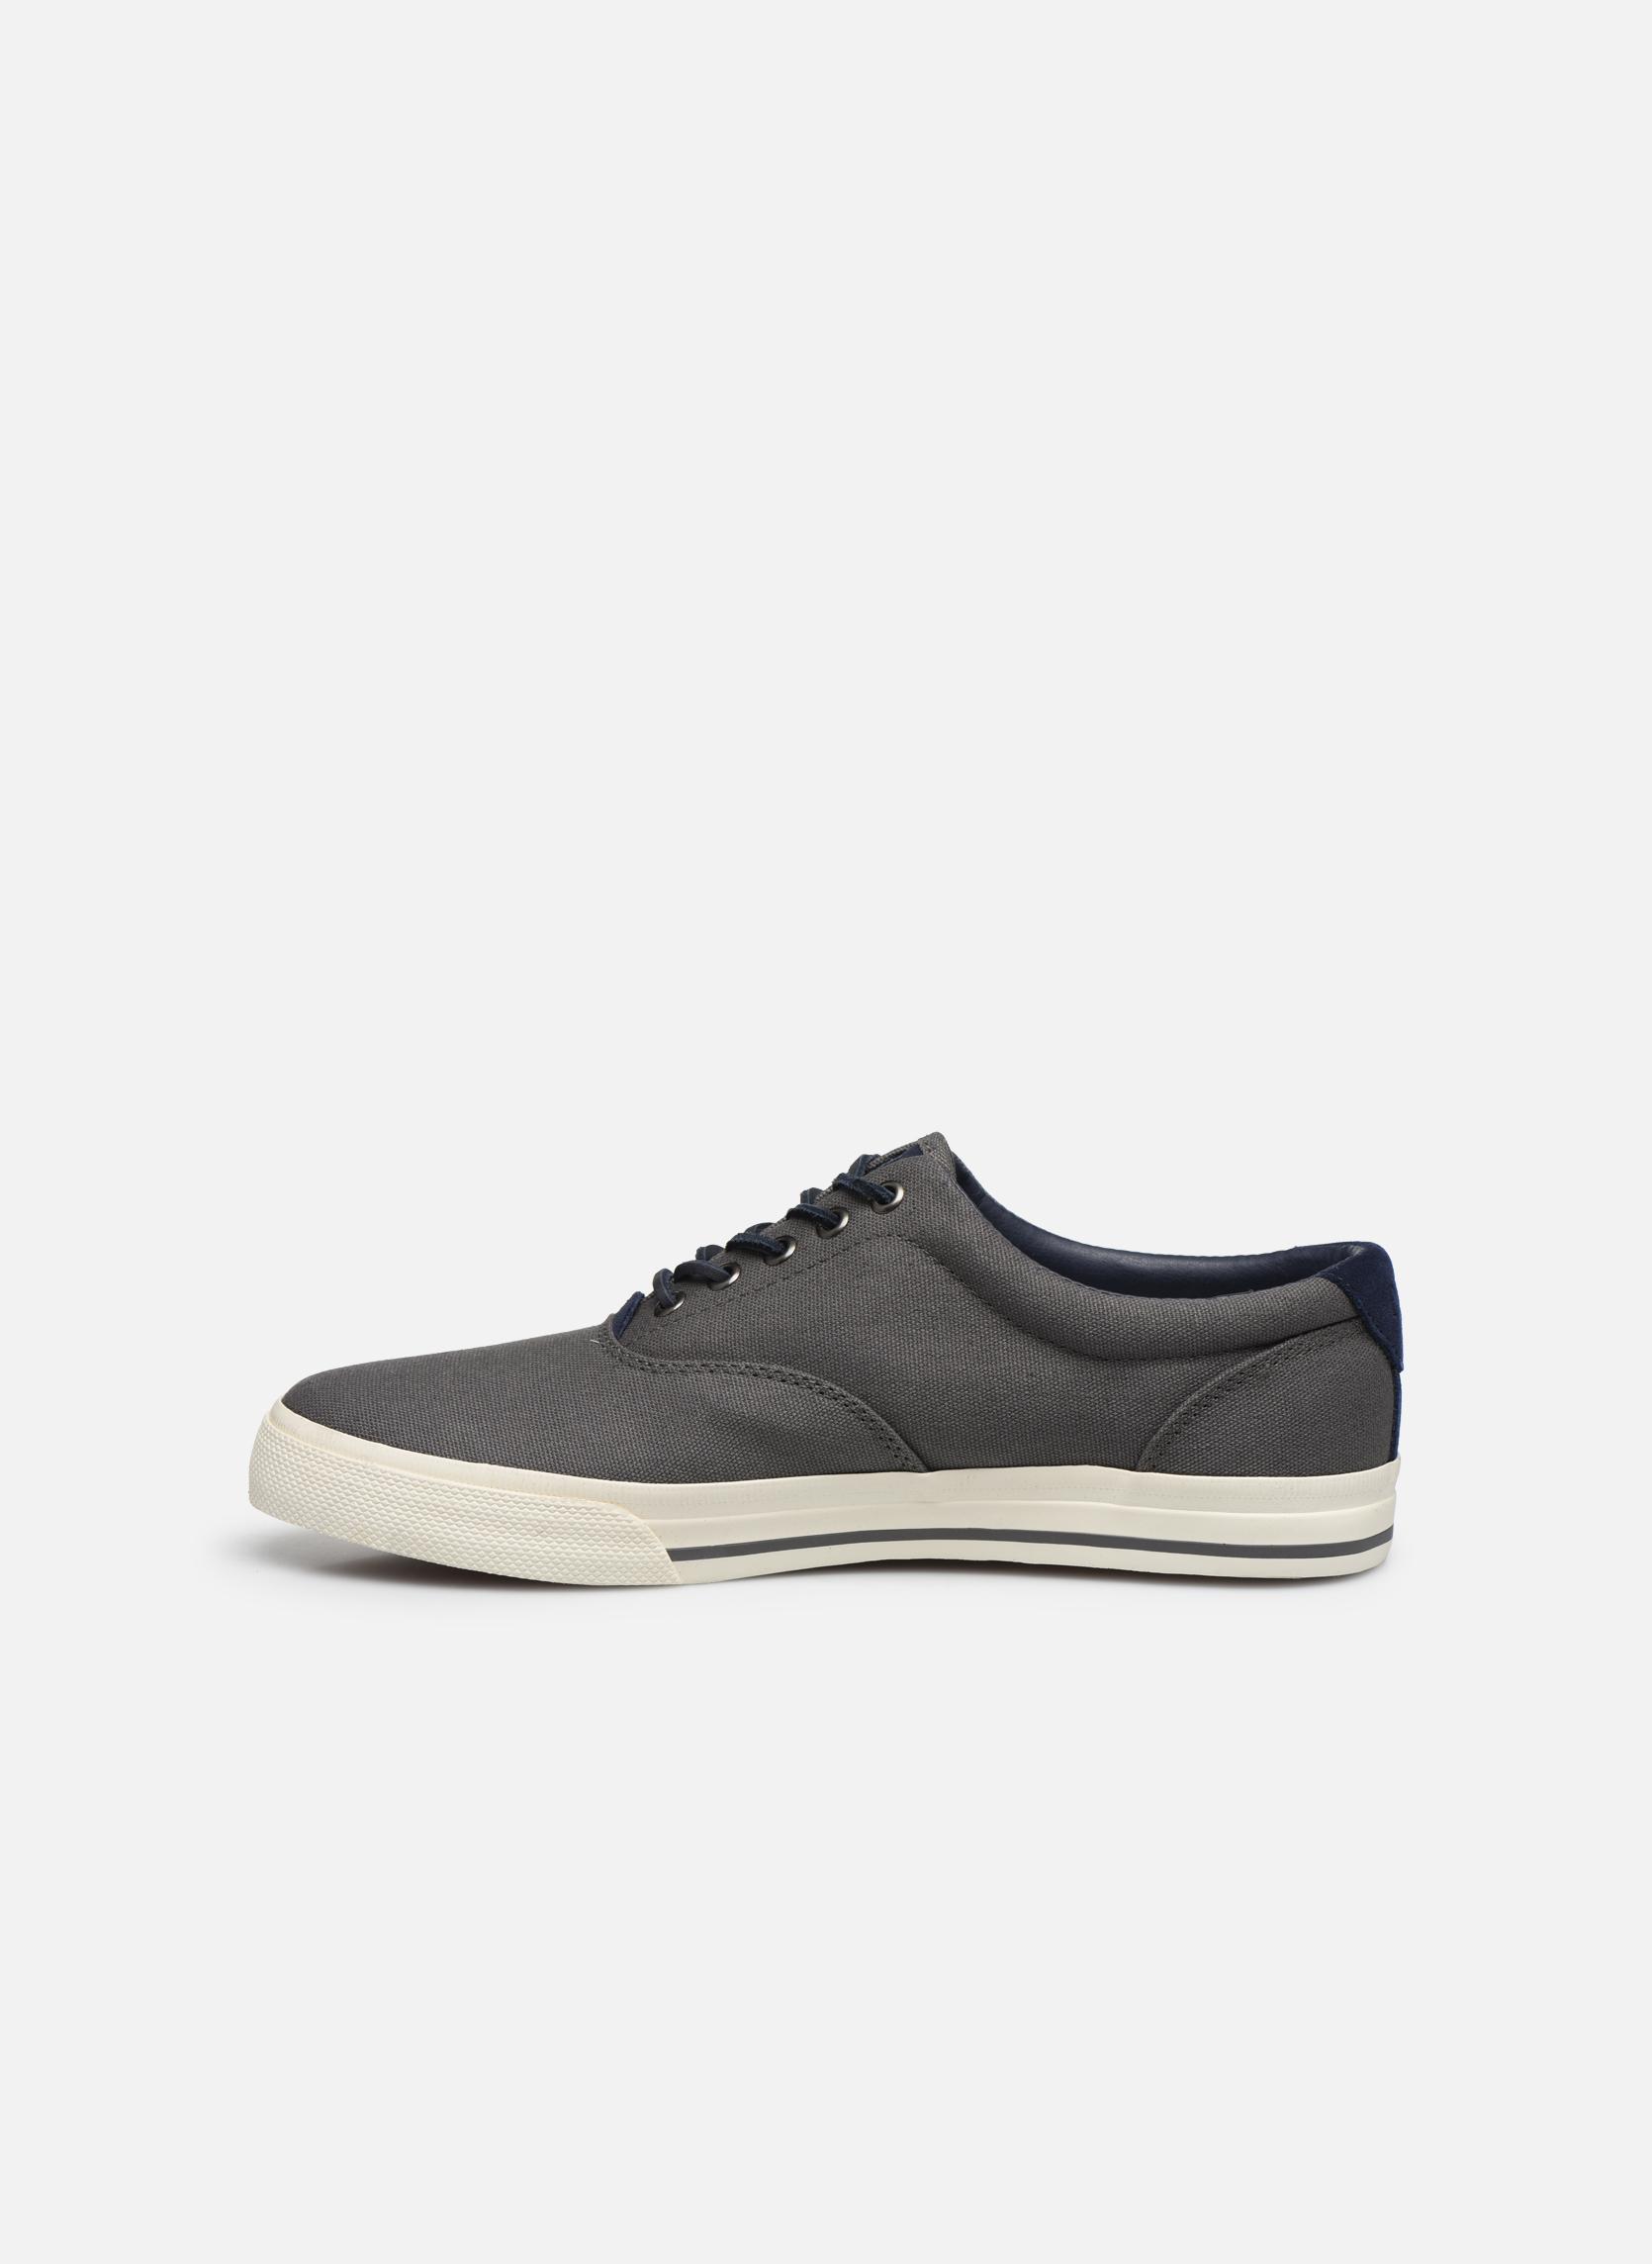 Vaughn-Ne-Sneakers-Vulc coal